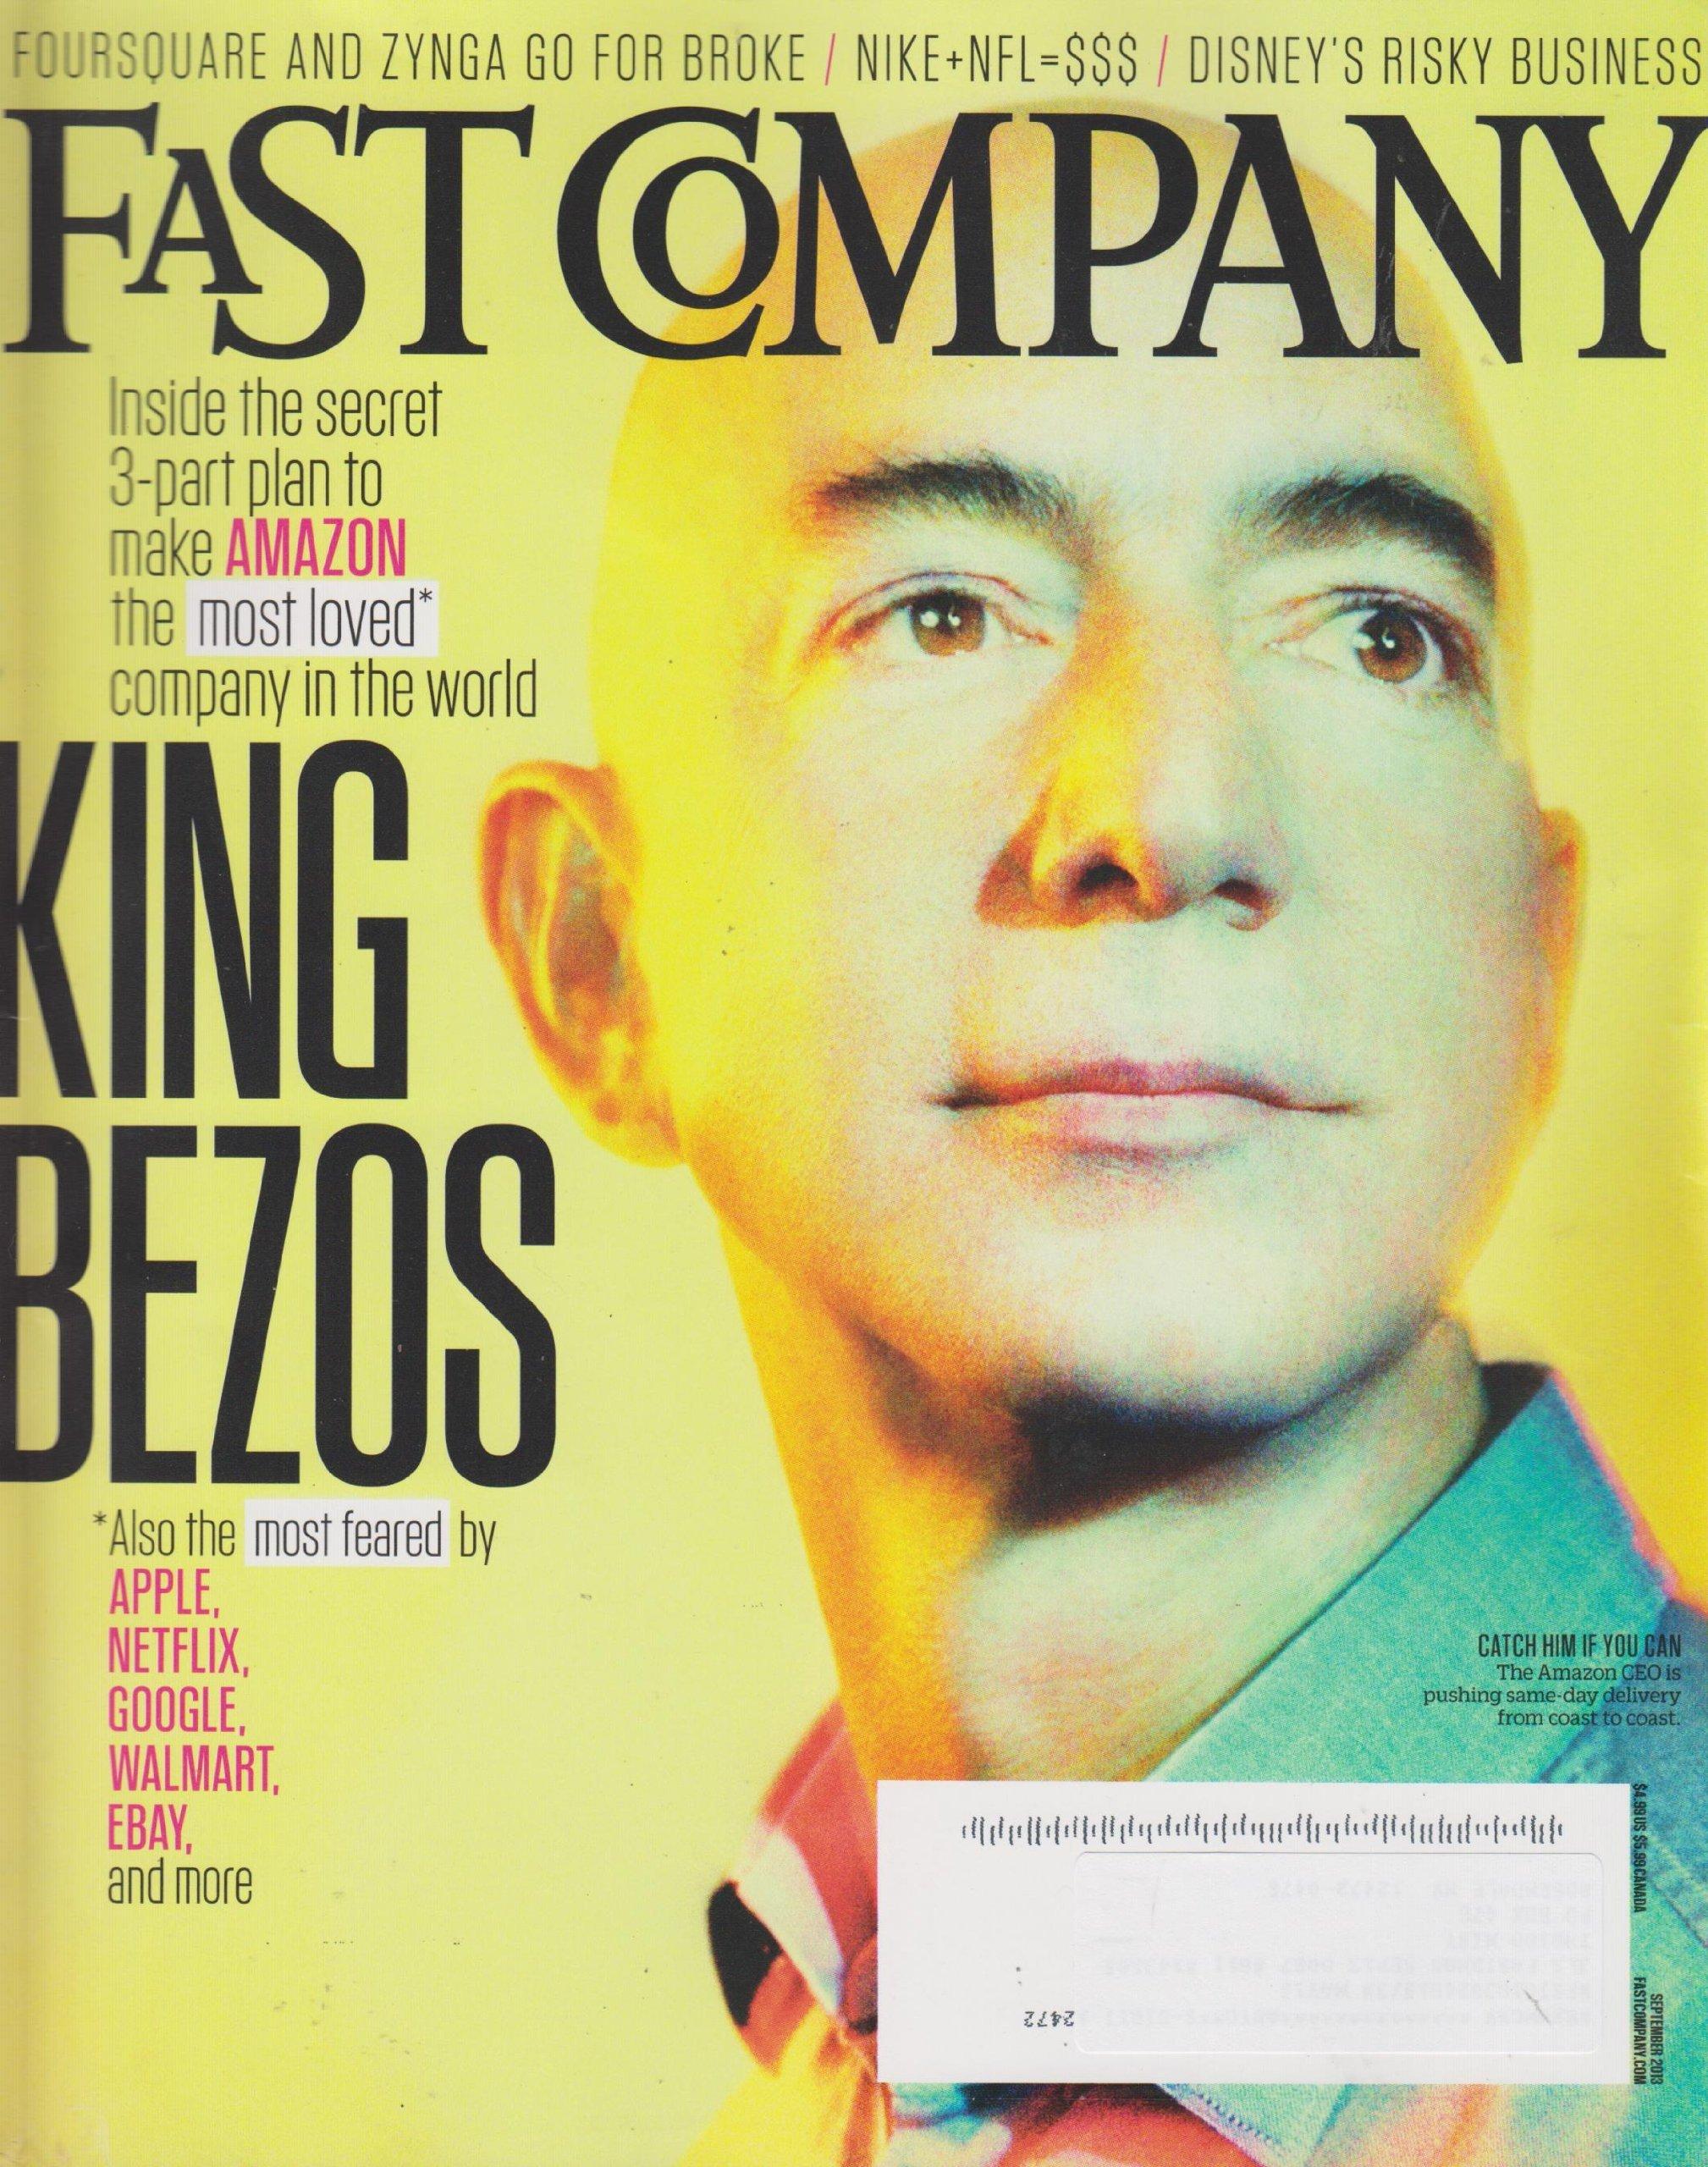 Fast Company September 2013 Amazon's Jeff Bezos